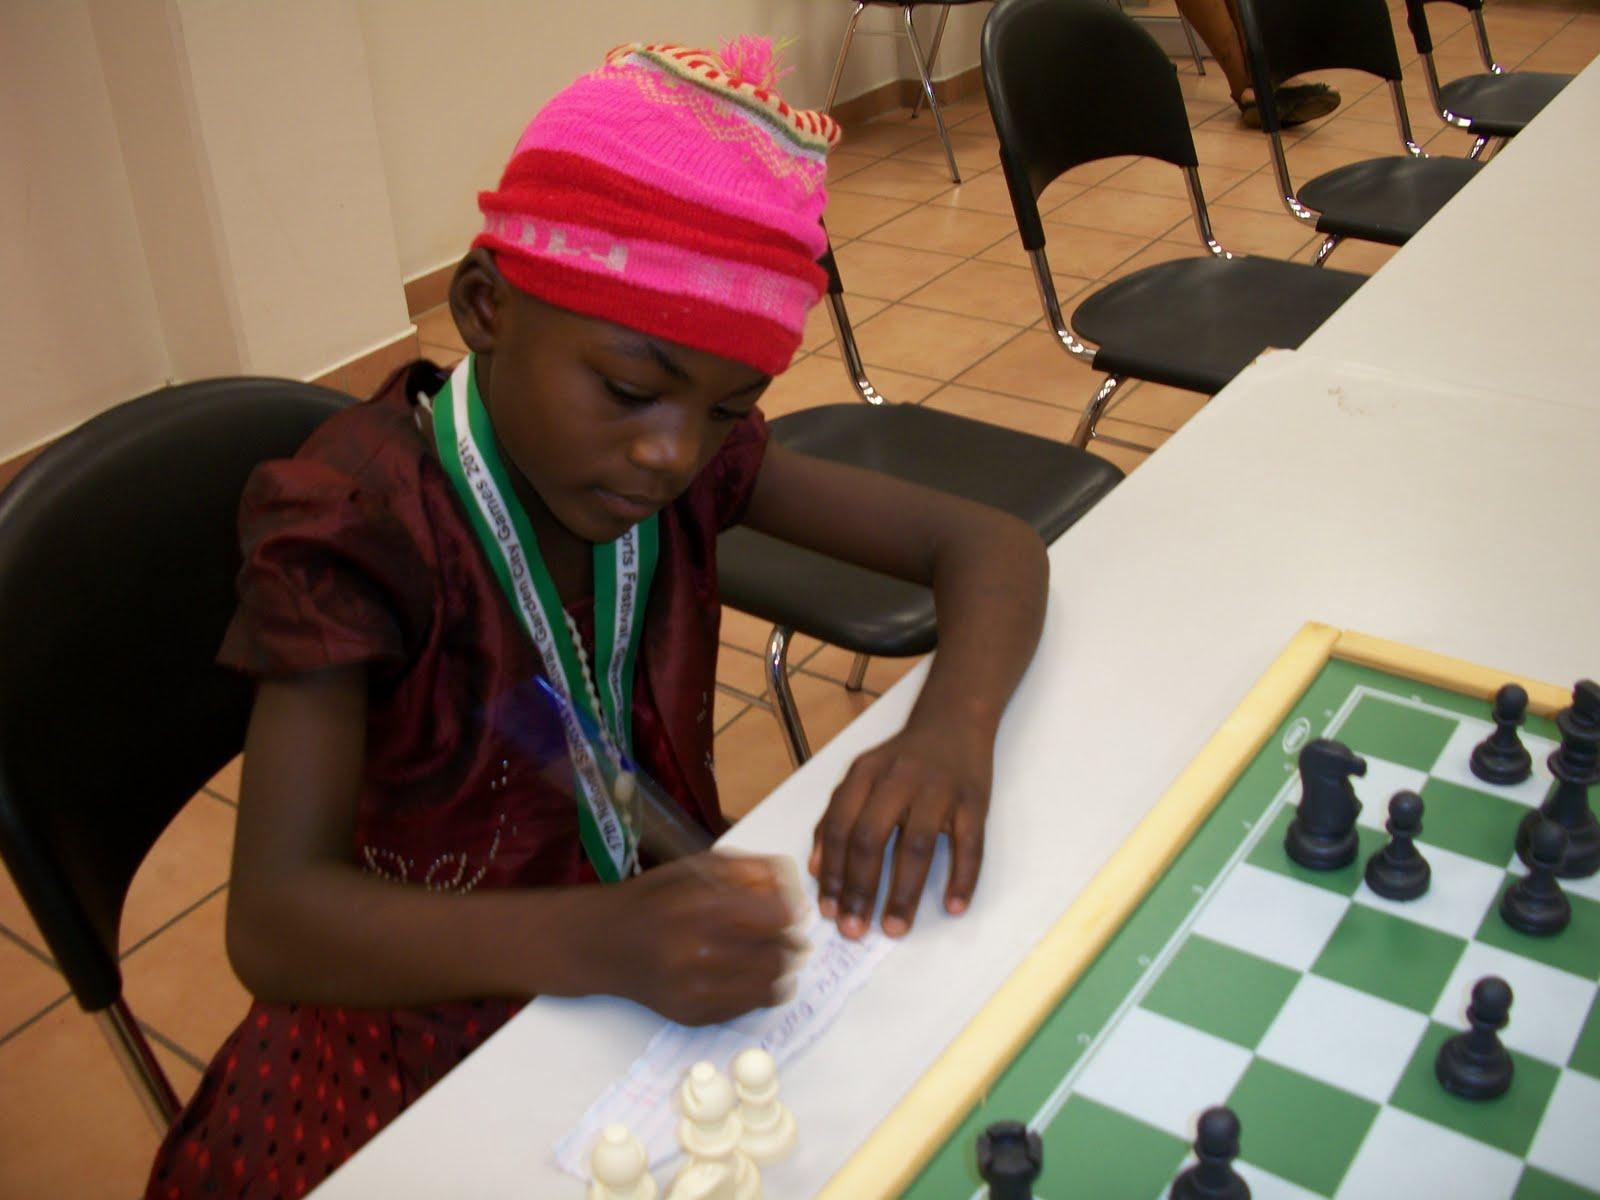 http://1.bp.blogspot.com/-kqEIab6Atf4/TiREbf1JGNI/AAAAAAABvnI/_BRgpABQD-M/s1600/Nigerian%252Bgirl.jpg